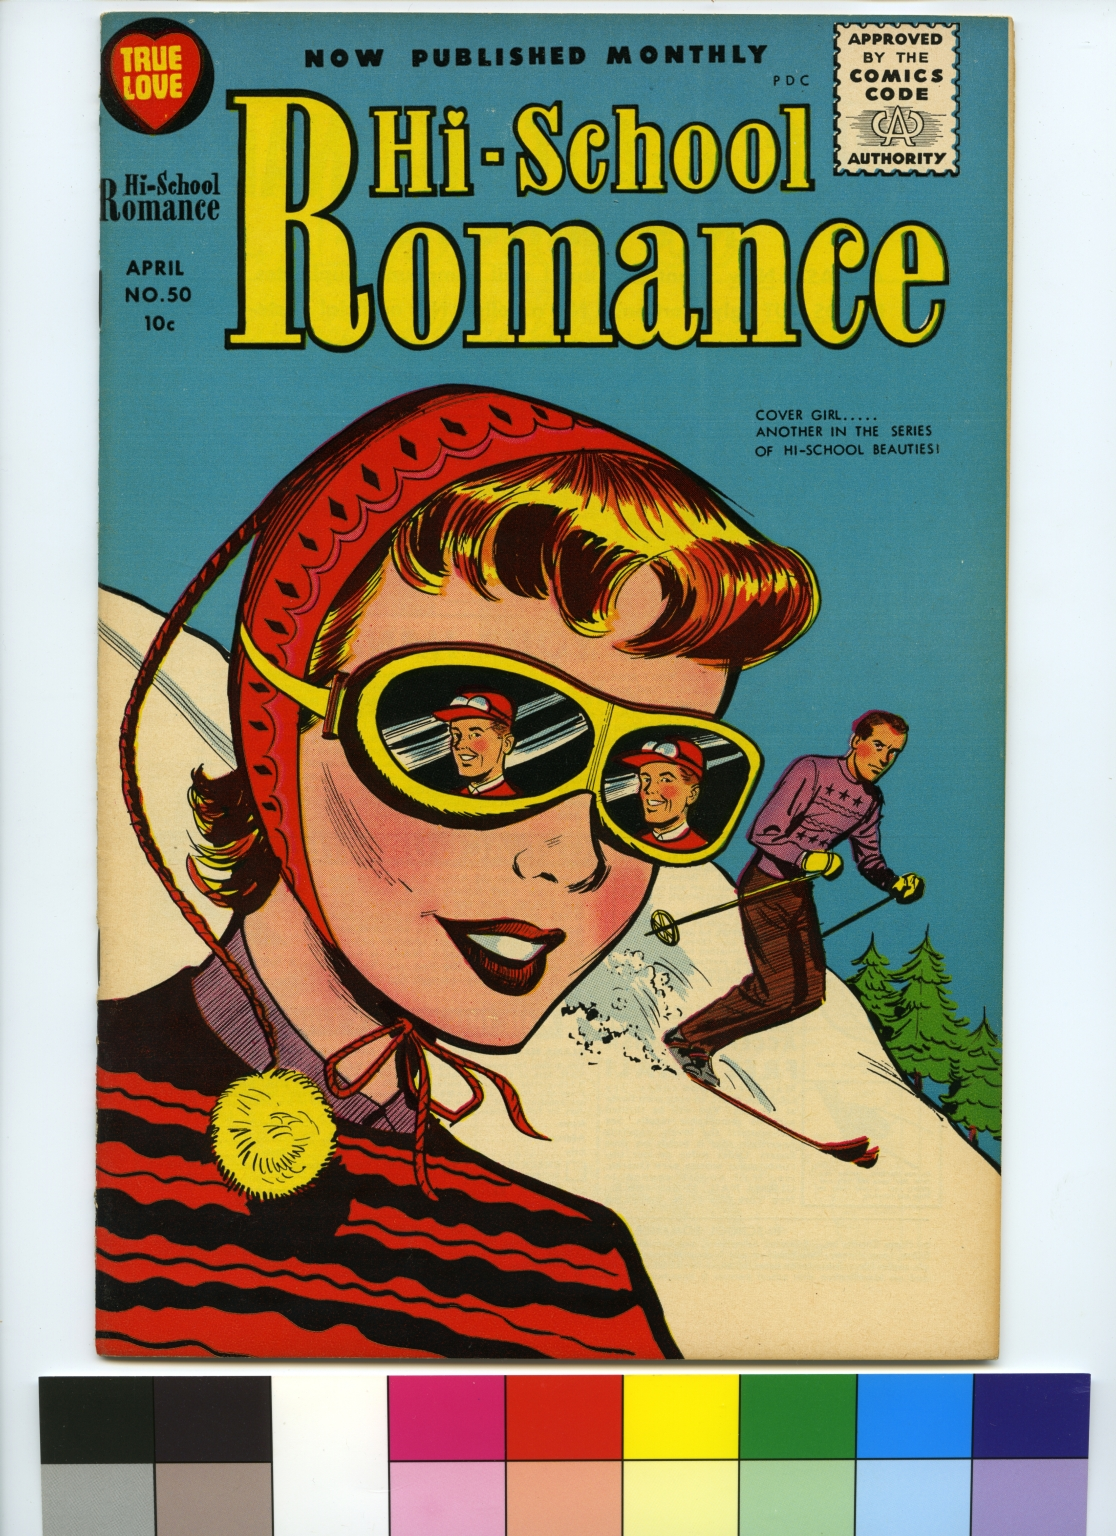 Hi-School Romance